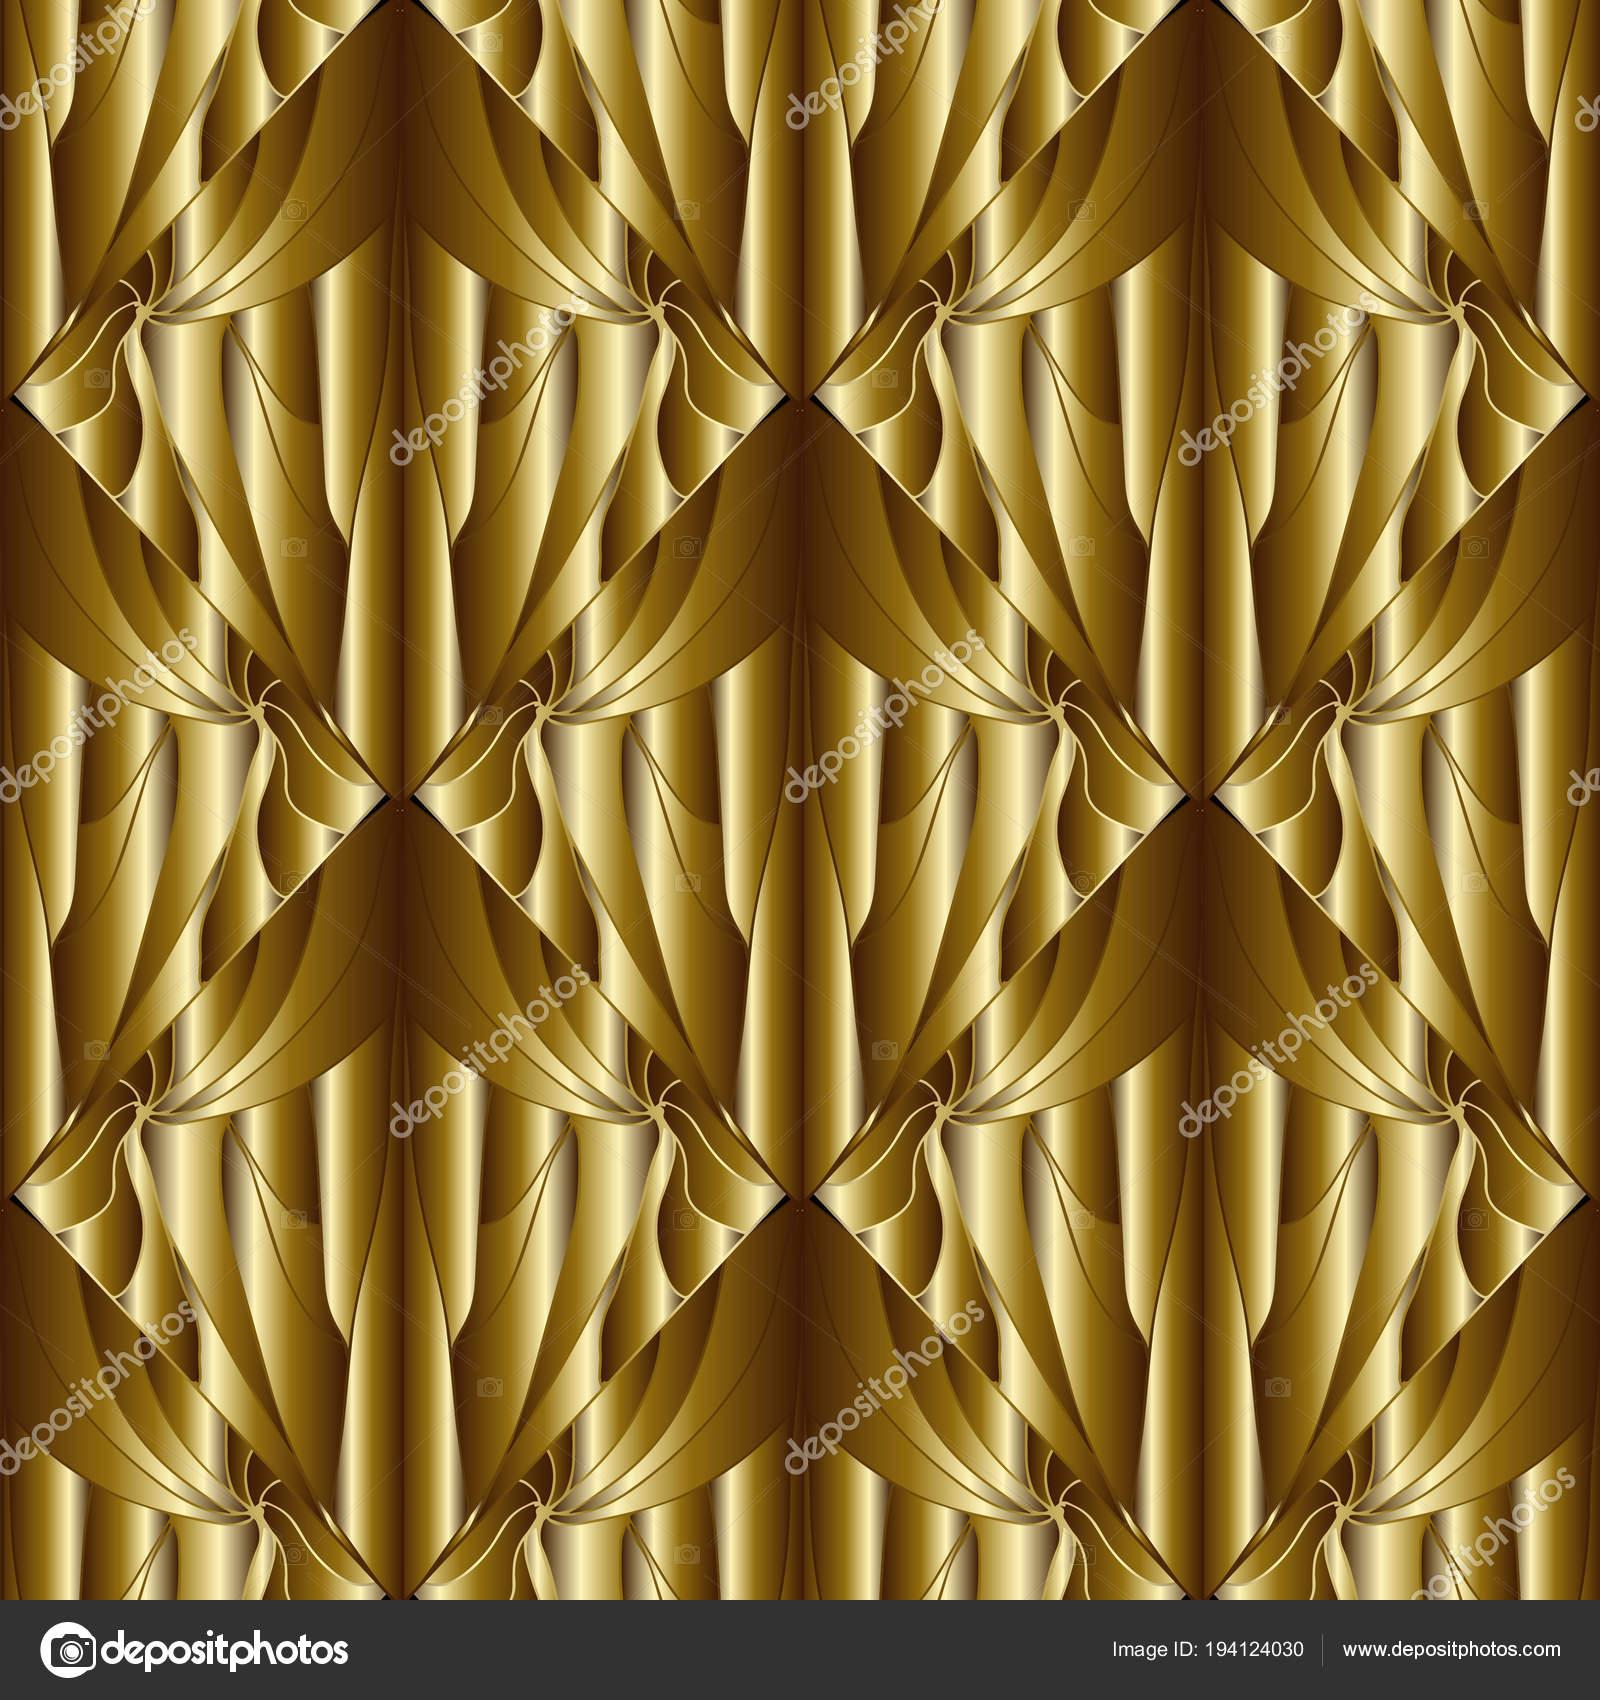 Gold 3d Wallpaper Geometric Abstract Gold 3d Seamless